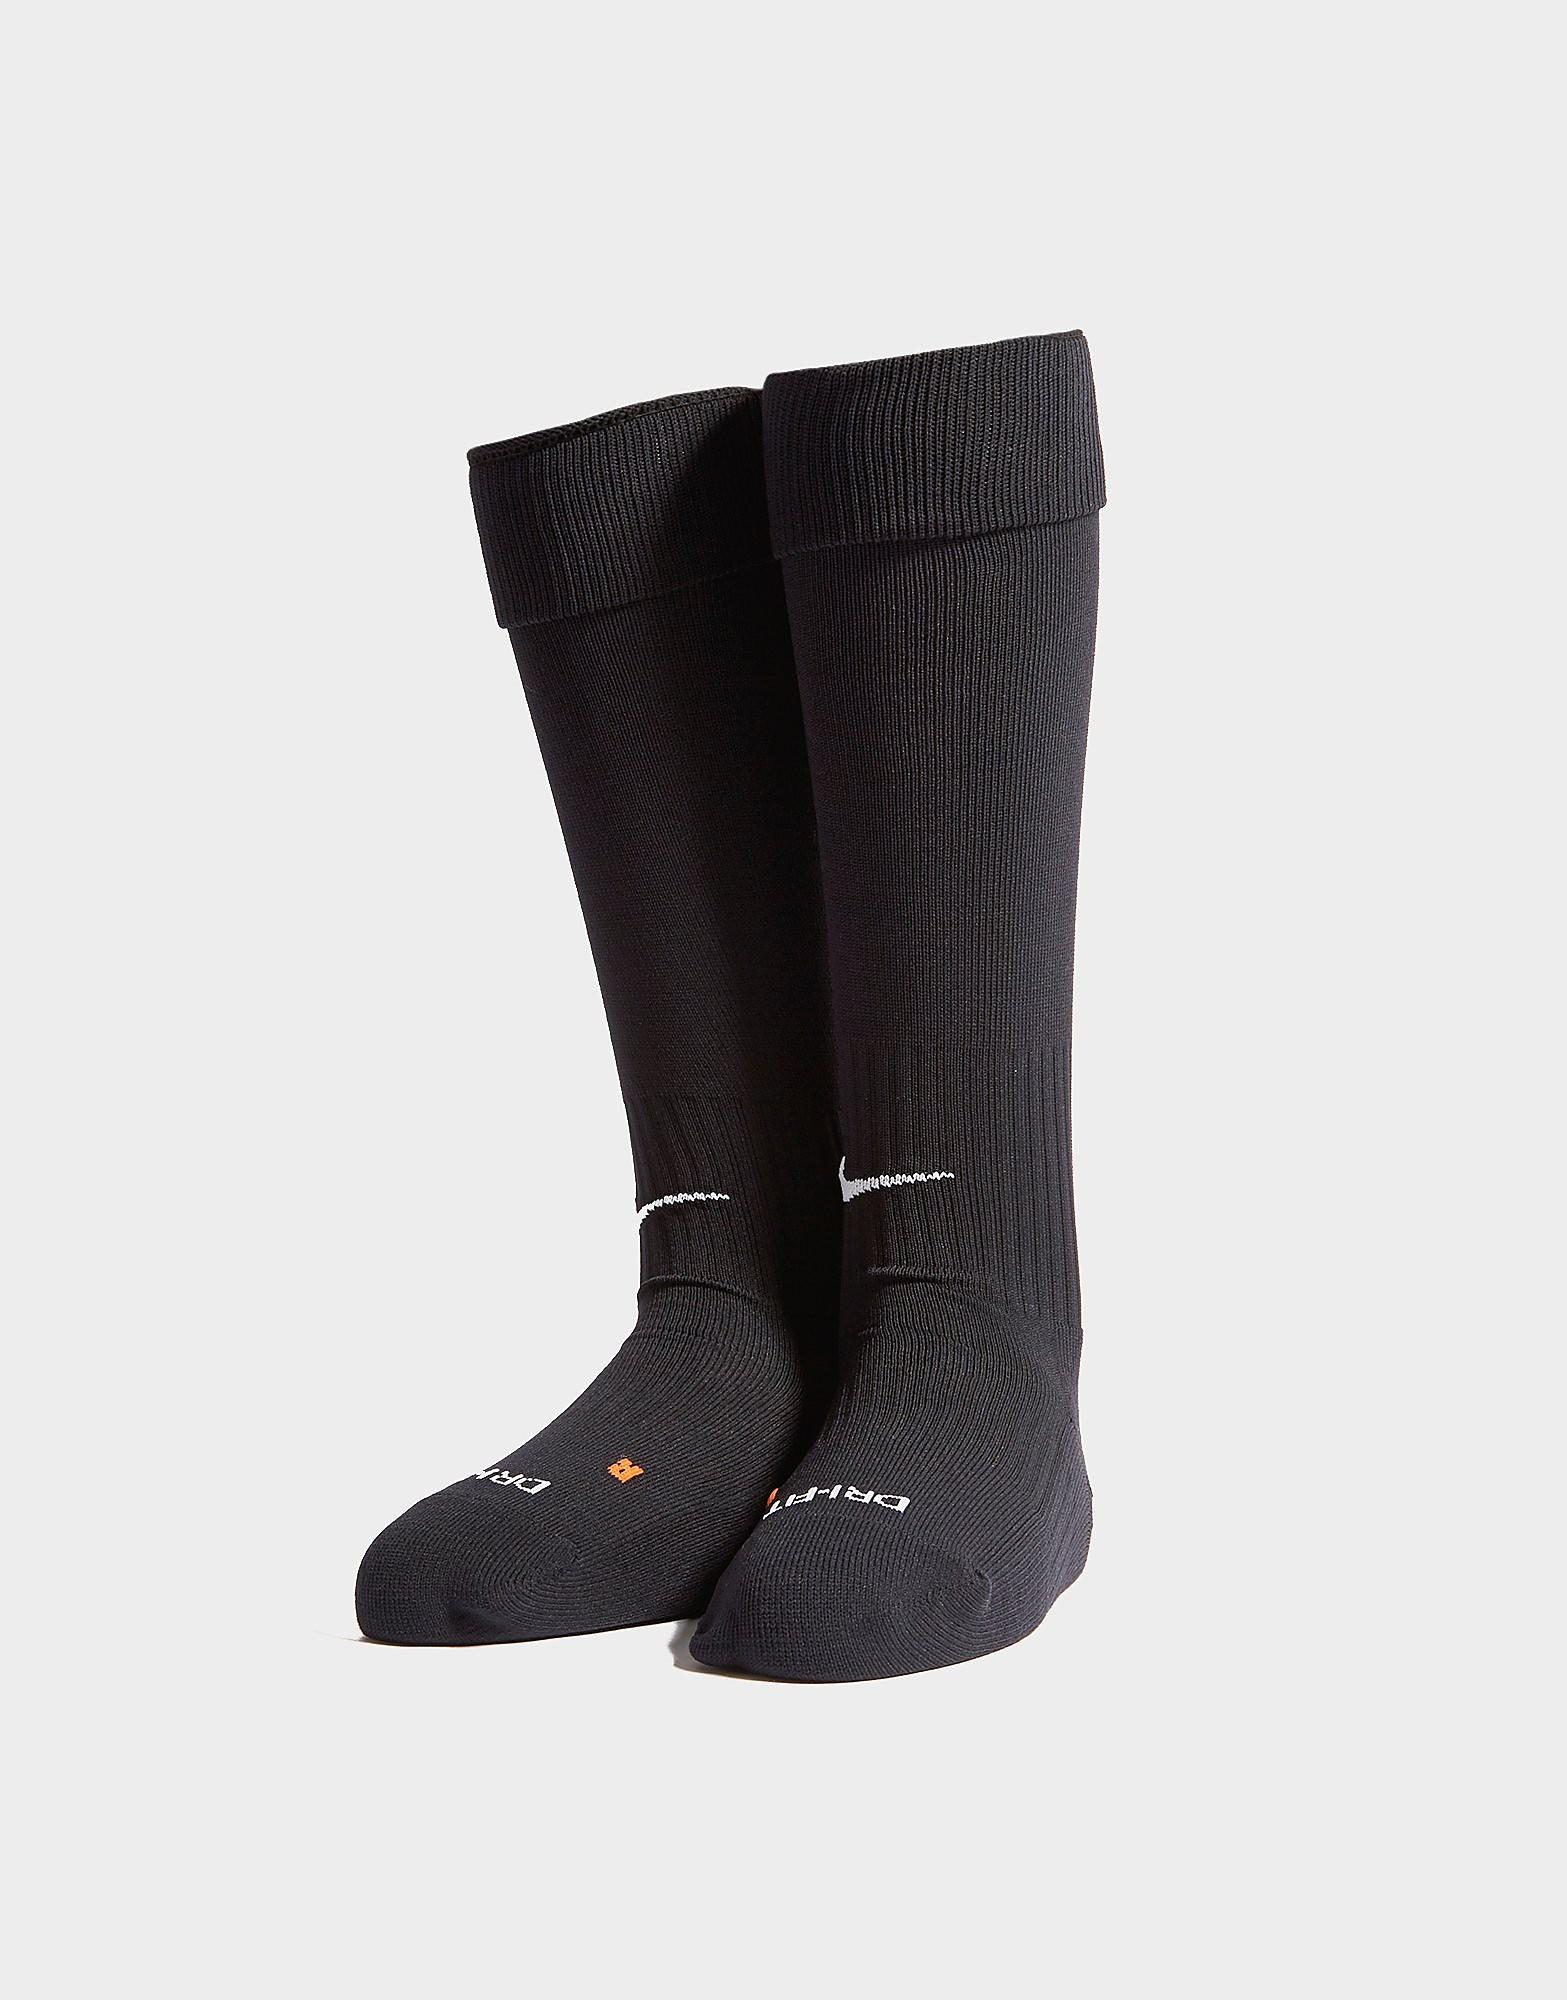 Nike Classic Football Socks - Schwarz - Mens, Schwarz